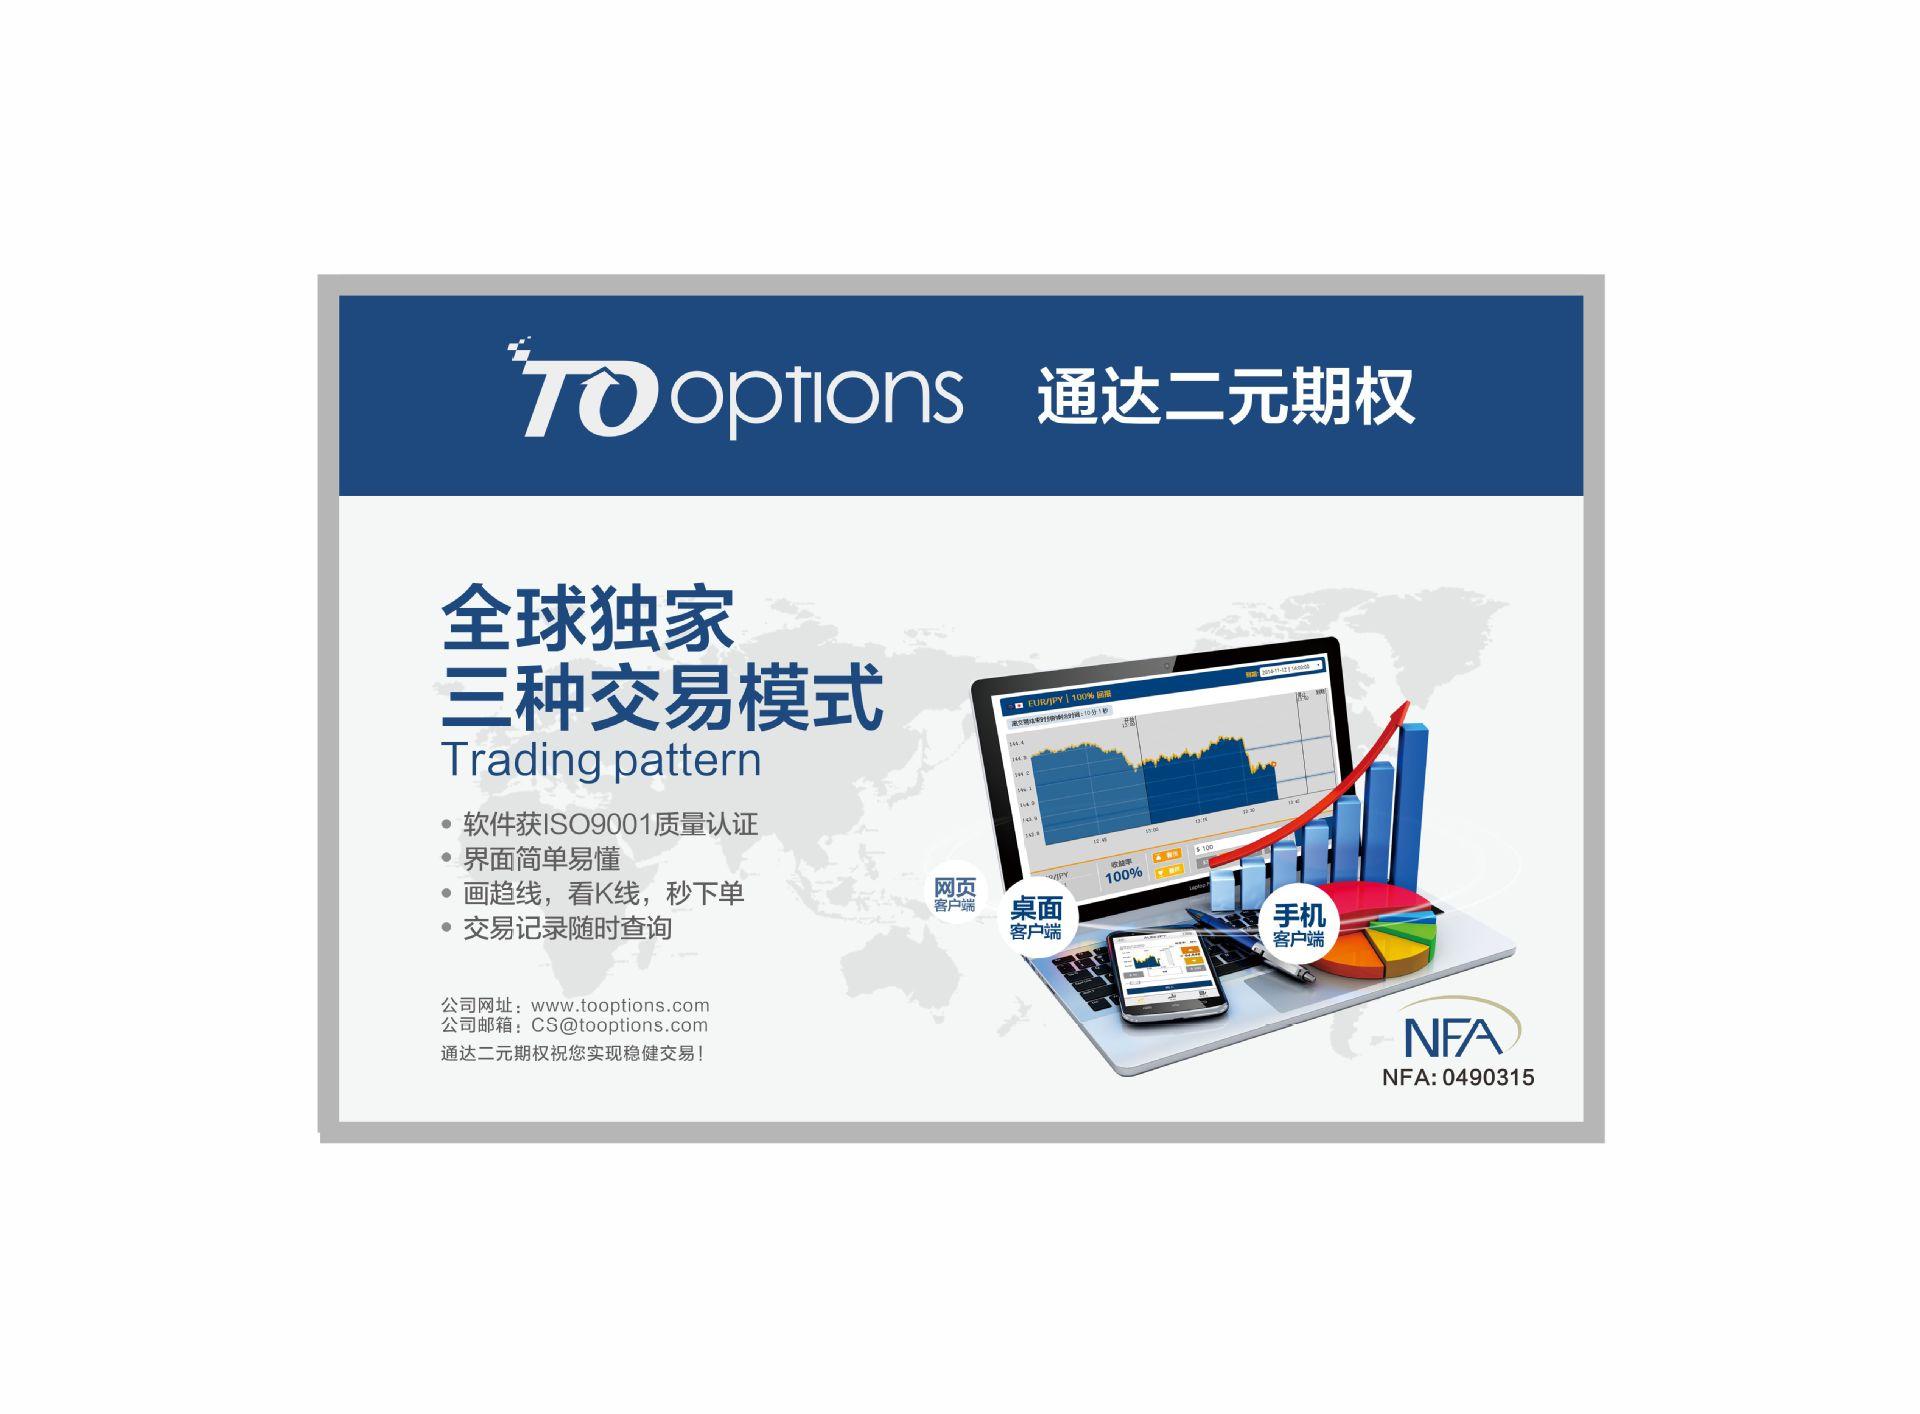 横式广告画面3